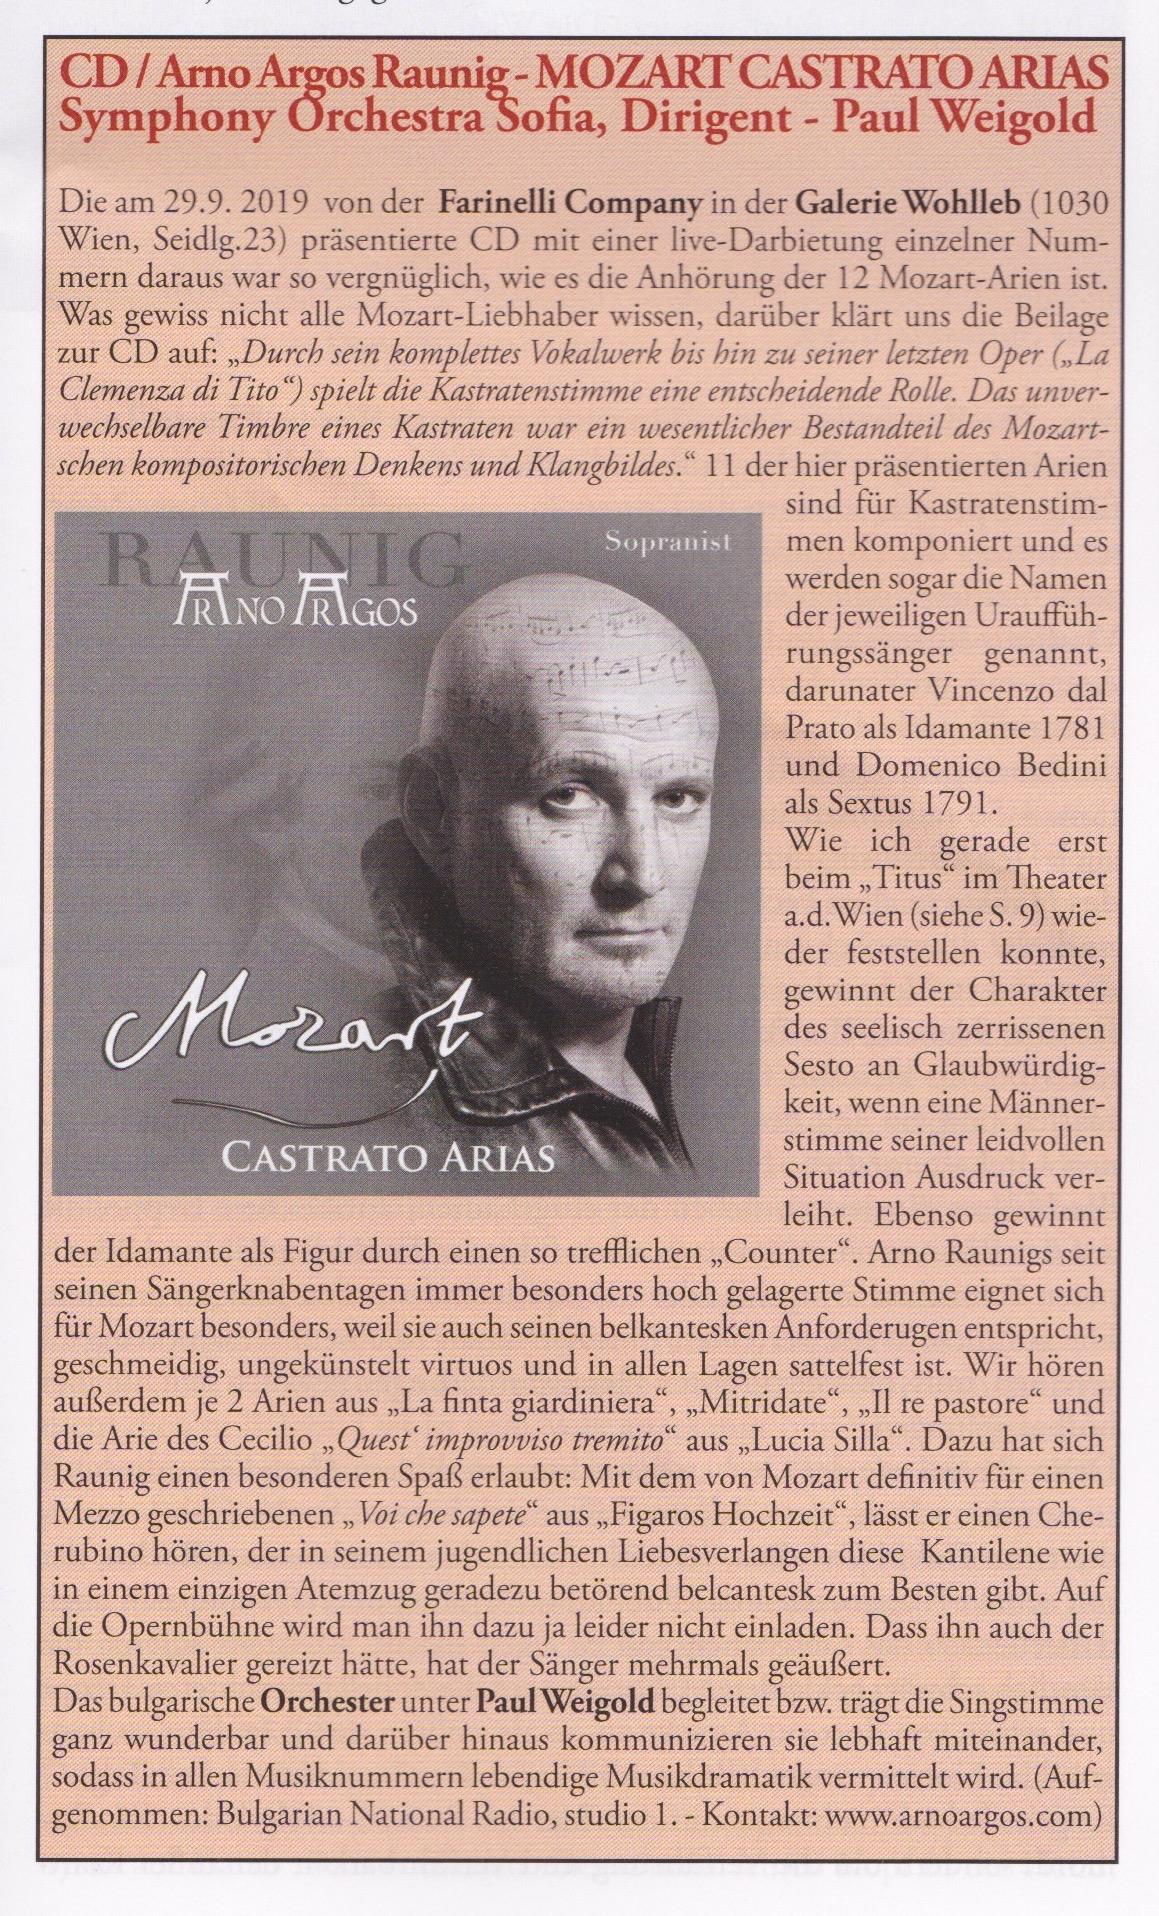 Kritik «der neue Merker» 11/2019: CD / Arno Argos Raunig - MOZART CASTRATO ARIAS Symphony Orchestra Sofia, Dirigent - Paul Weigold